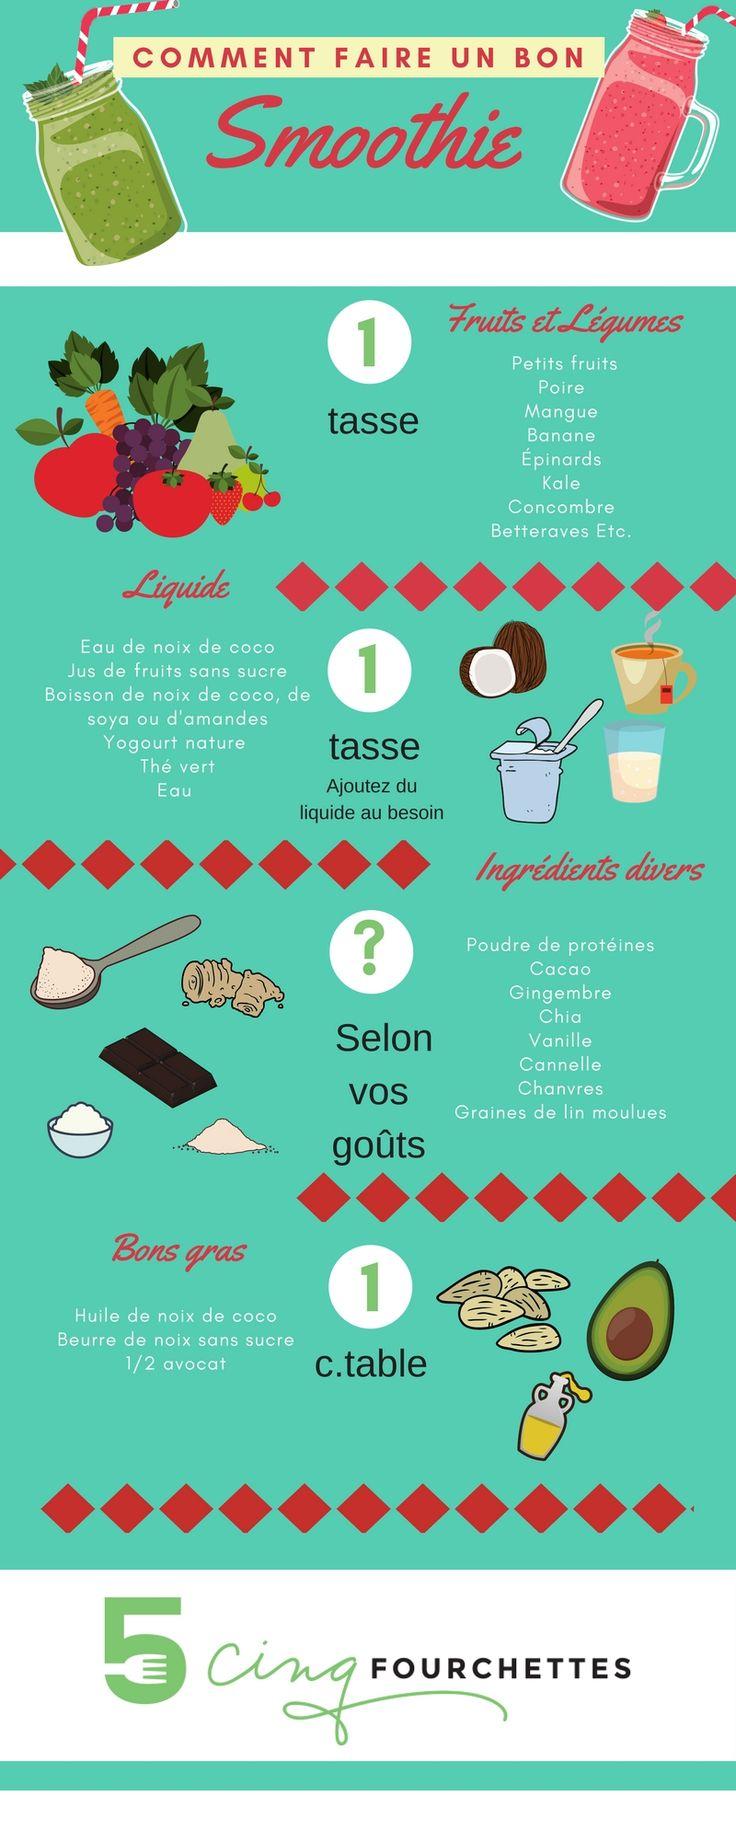 Je vous parle de smoothie et de l'importance d'être bien équipé en cuisine pour s'aider un peu à prendre de bonnes habitudes. Le mélangeur Ninja est vraiment un bel outil à avoir !  #lovesquad2017 #bestbuycanada #commandité